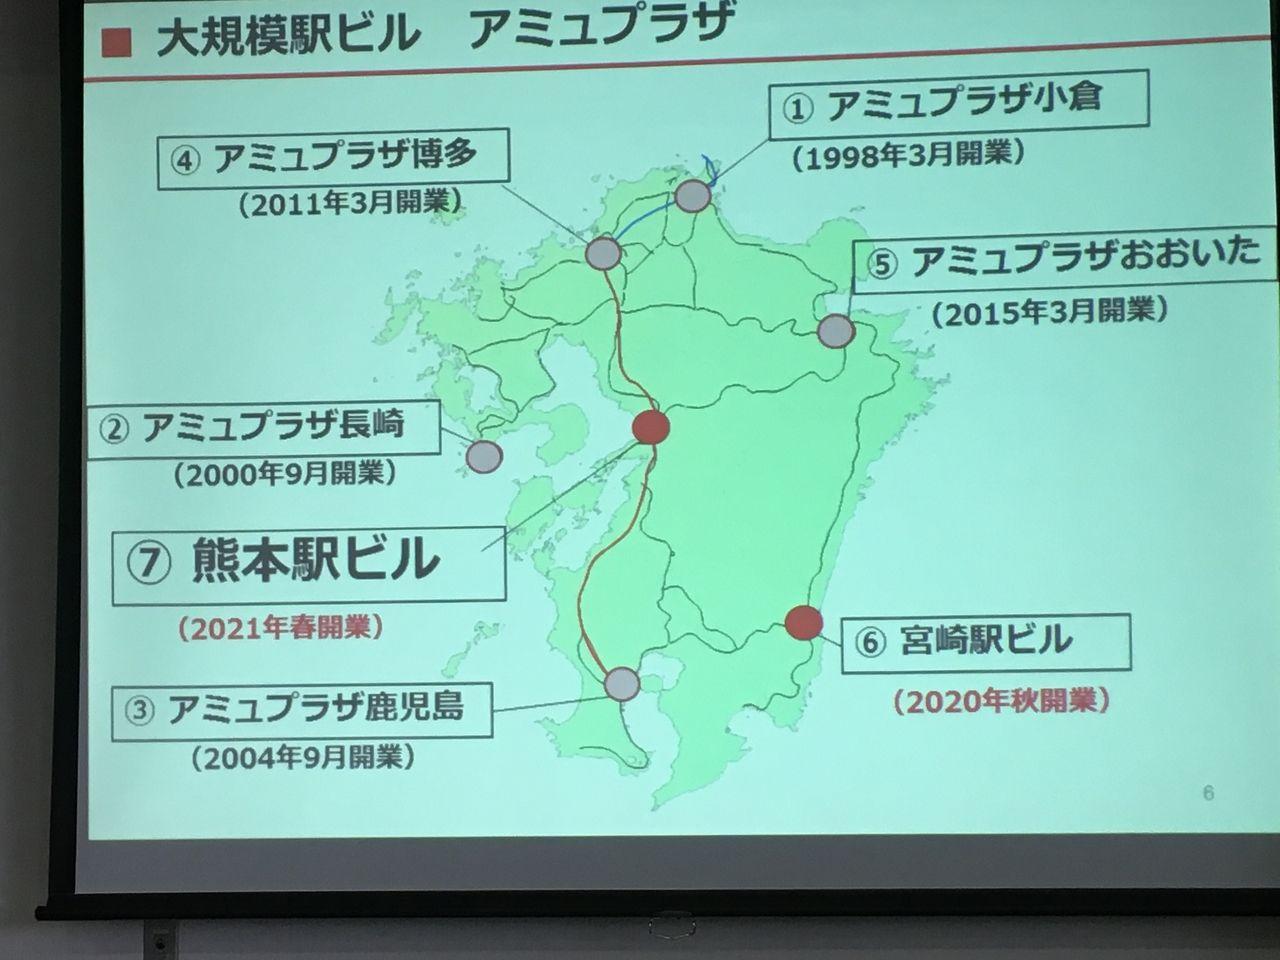 九州に展開される大規模駅ビル アミュプラザ